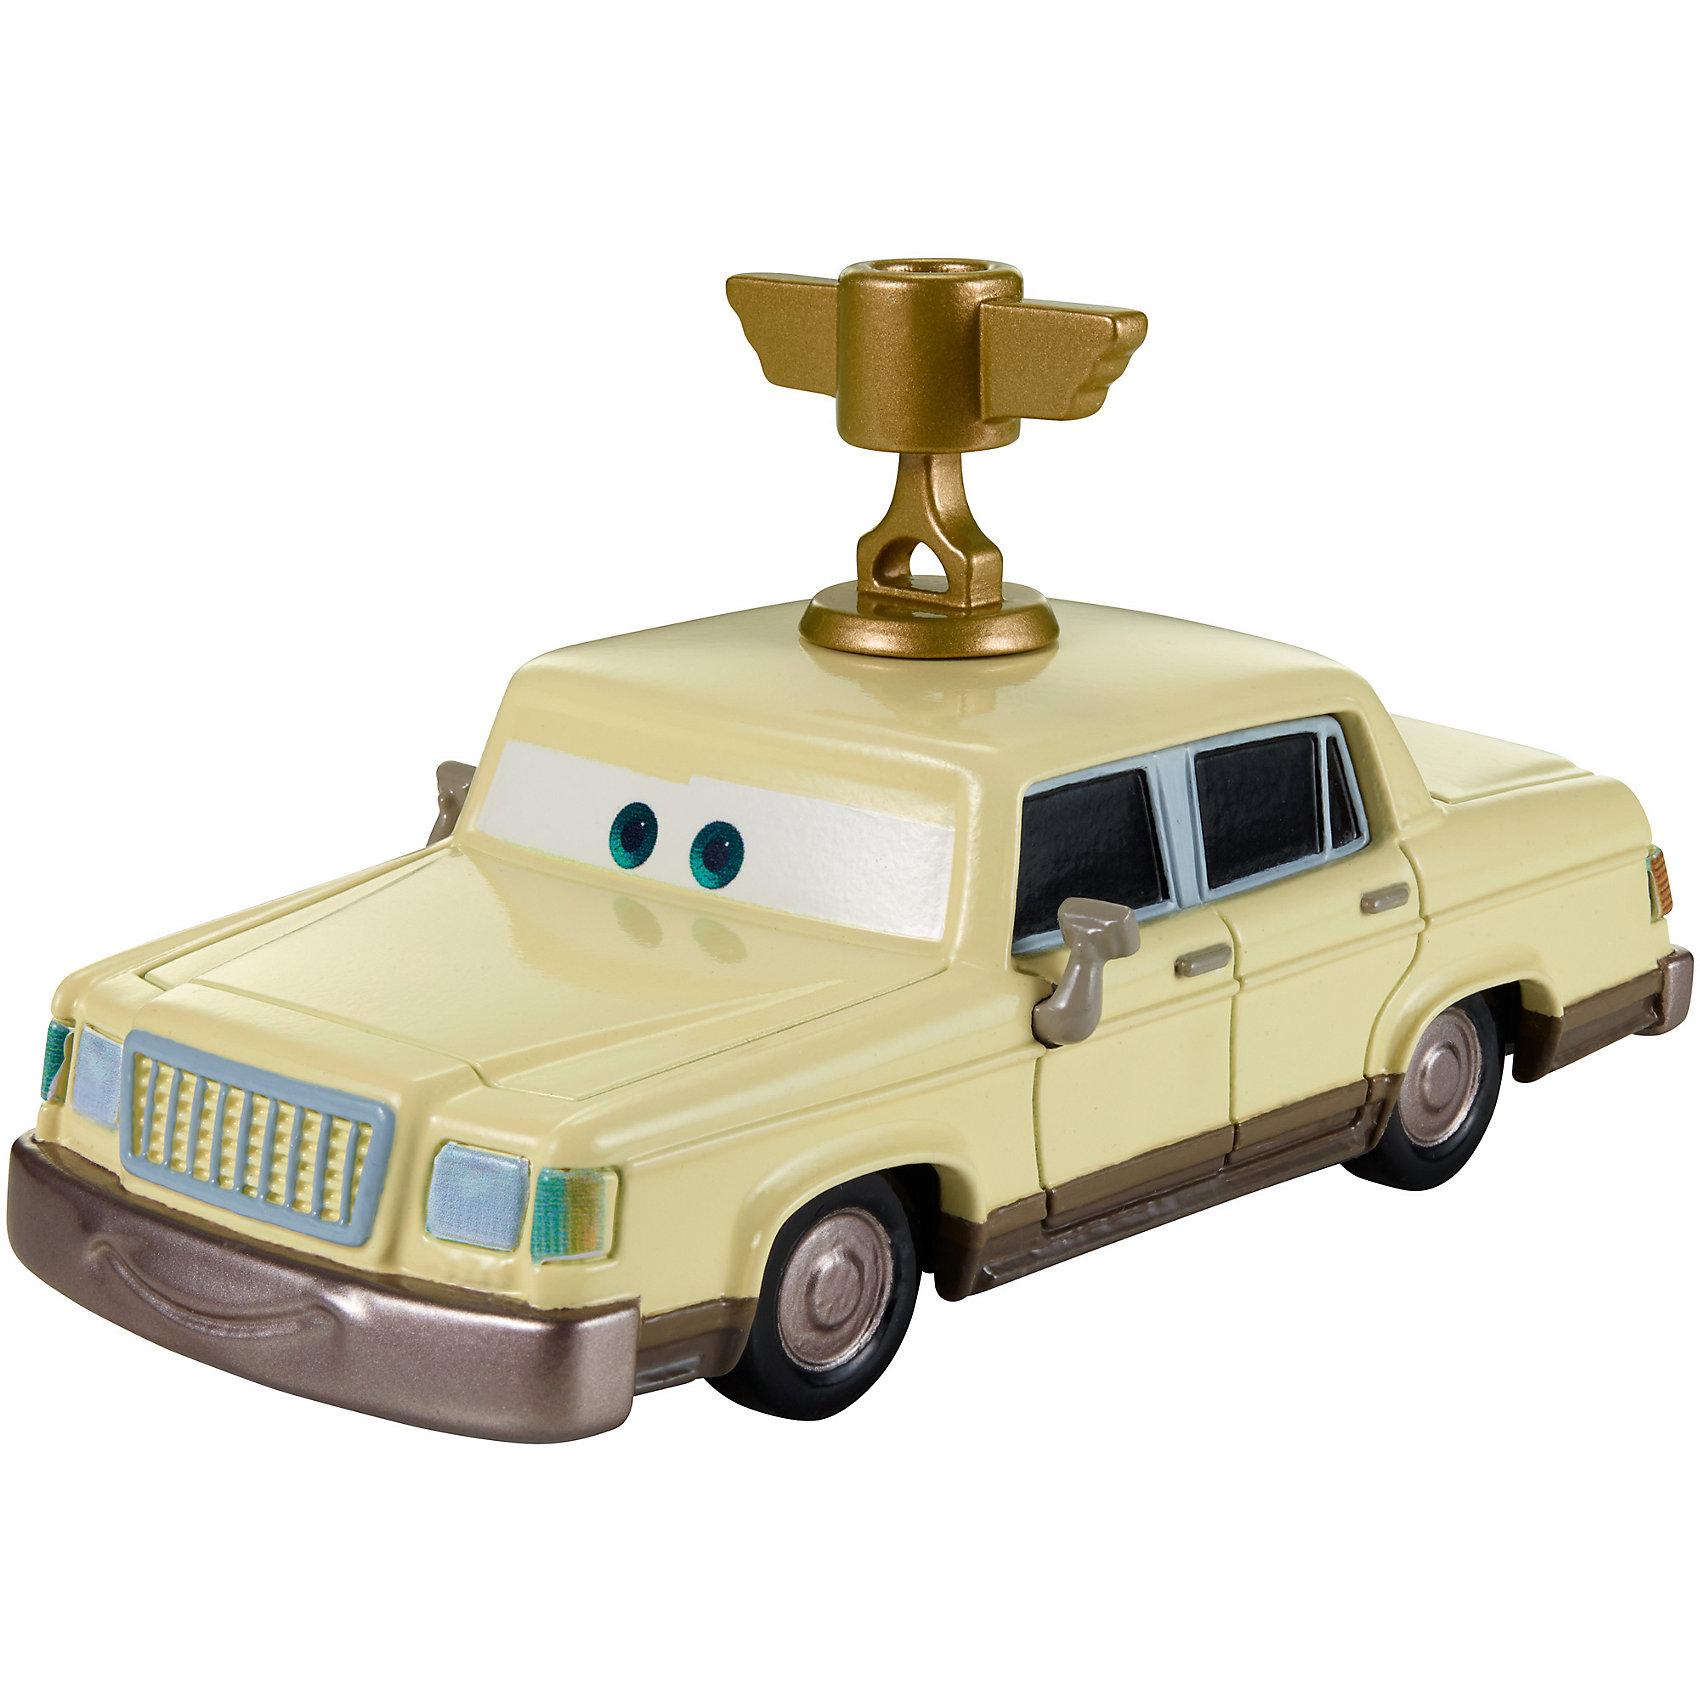 Литая машинка, Тачки-2Тачки<br>Литая машинка Делюкс от компании «Mattel» выполнена в виде главного персонажа мультфильма «Тачки 2». Изготовленная из металла в масштабе 1:55 игрушка отличается высокой степенью детализации и качеством исполнения. Завладев несколькими моделями, малыш сможет окунуться в любимый мультипликационный мир, устроить красочные показательные выступления среди машинок-киногероев.<br><br>Дополнительная информация:<br><br>- Материал: металл<br>- В упаковке: 1 шт.<br>- Размер машинки: 8 см.<br><br>Литую машинку, Тачки-2 можно купить в нашем магазине.<br><br>Ширина мм: 135<br>Глубина мм: 45<br>Высота мм: 160<br>Вес г: 80<br>Возраст от месяцев: 36<br>Возраст до месяцев: 72<br>Пол: Мужской<br>Возраст: Детский<br>SKU: 5146068